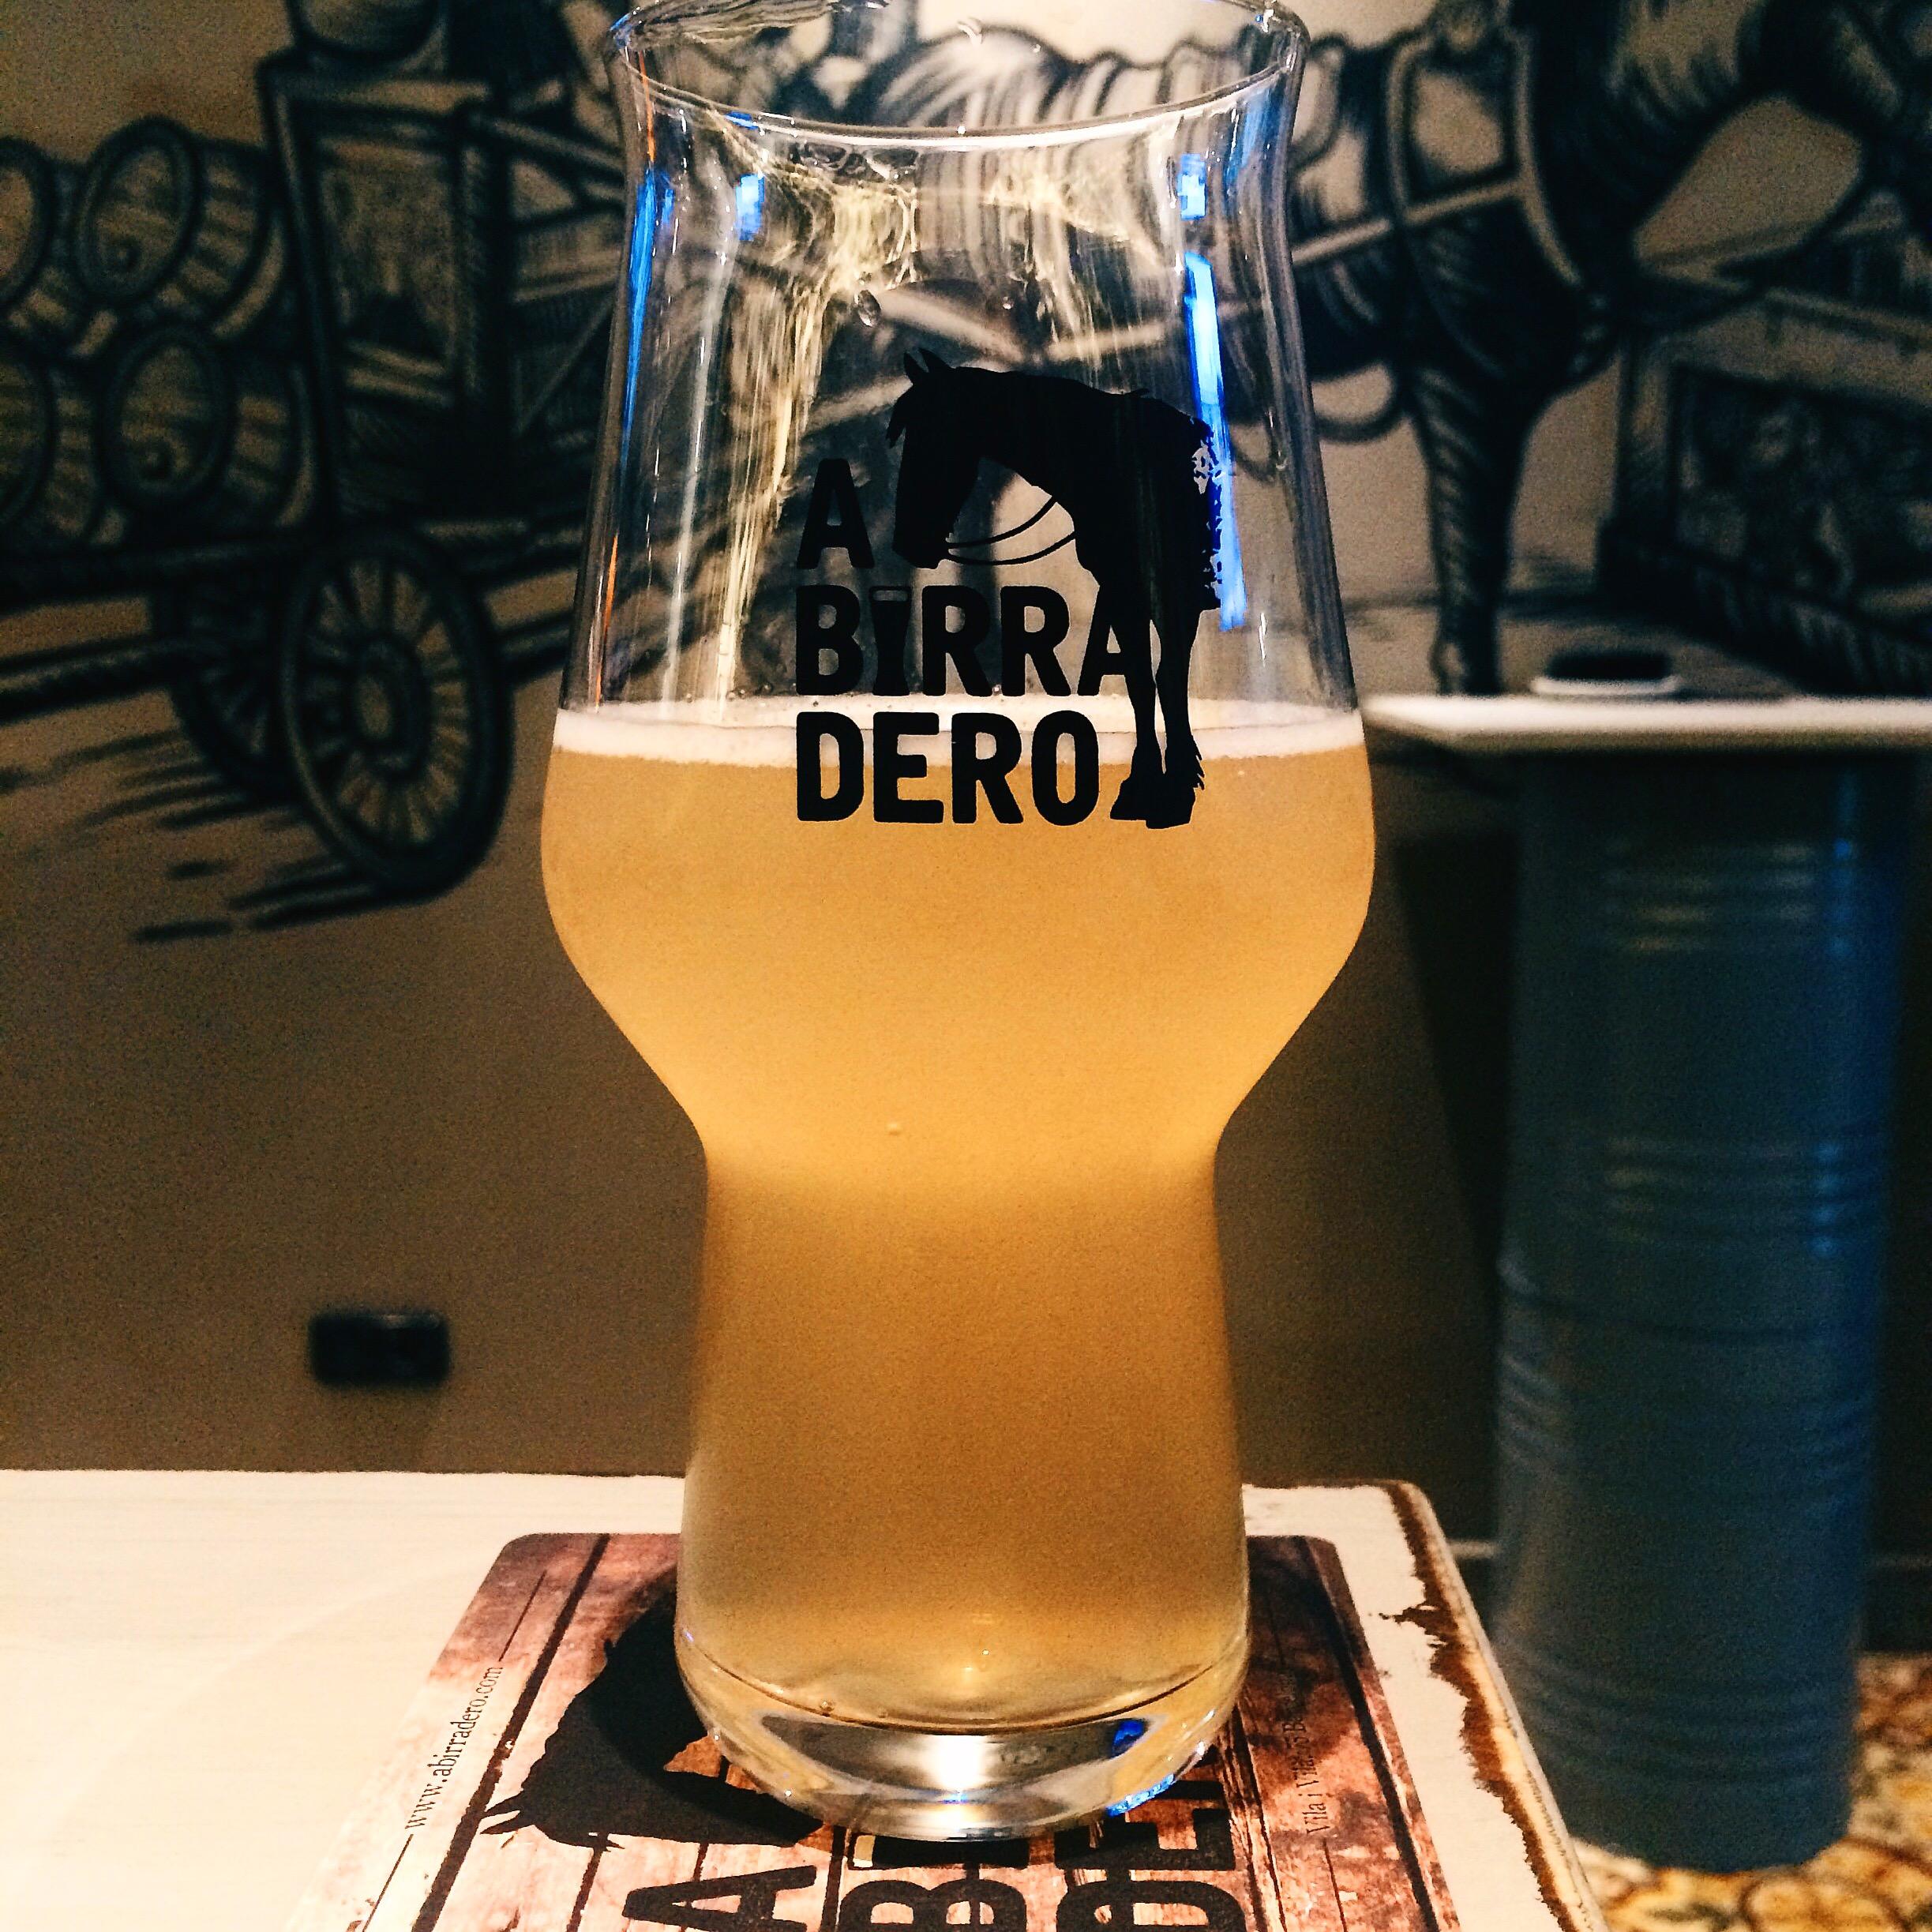 (Craft) root beer: Abirradero, Barcelona.